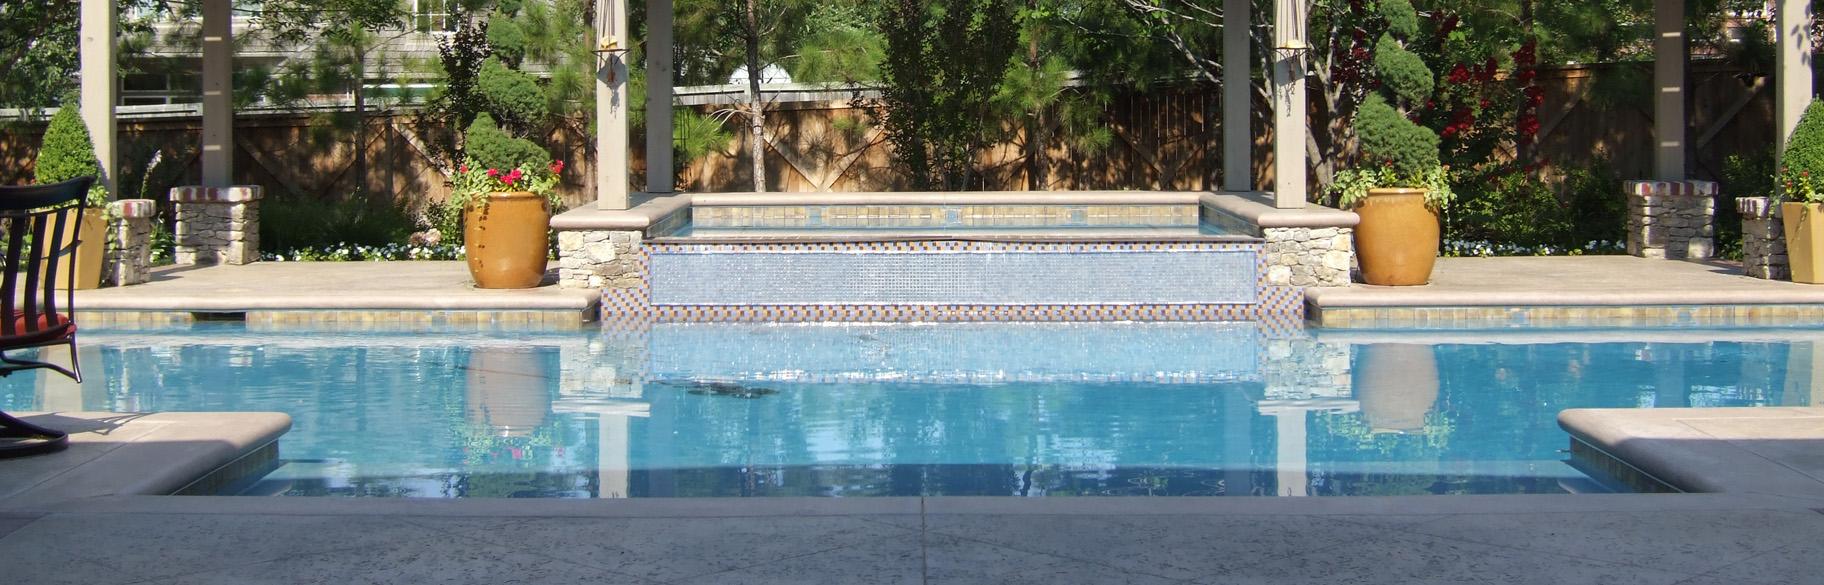 Pools & Patios | Custom Pool Design | Custom Patio Design